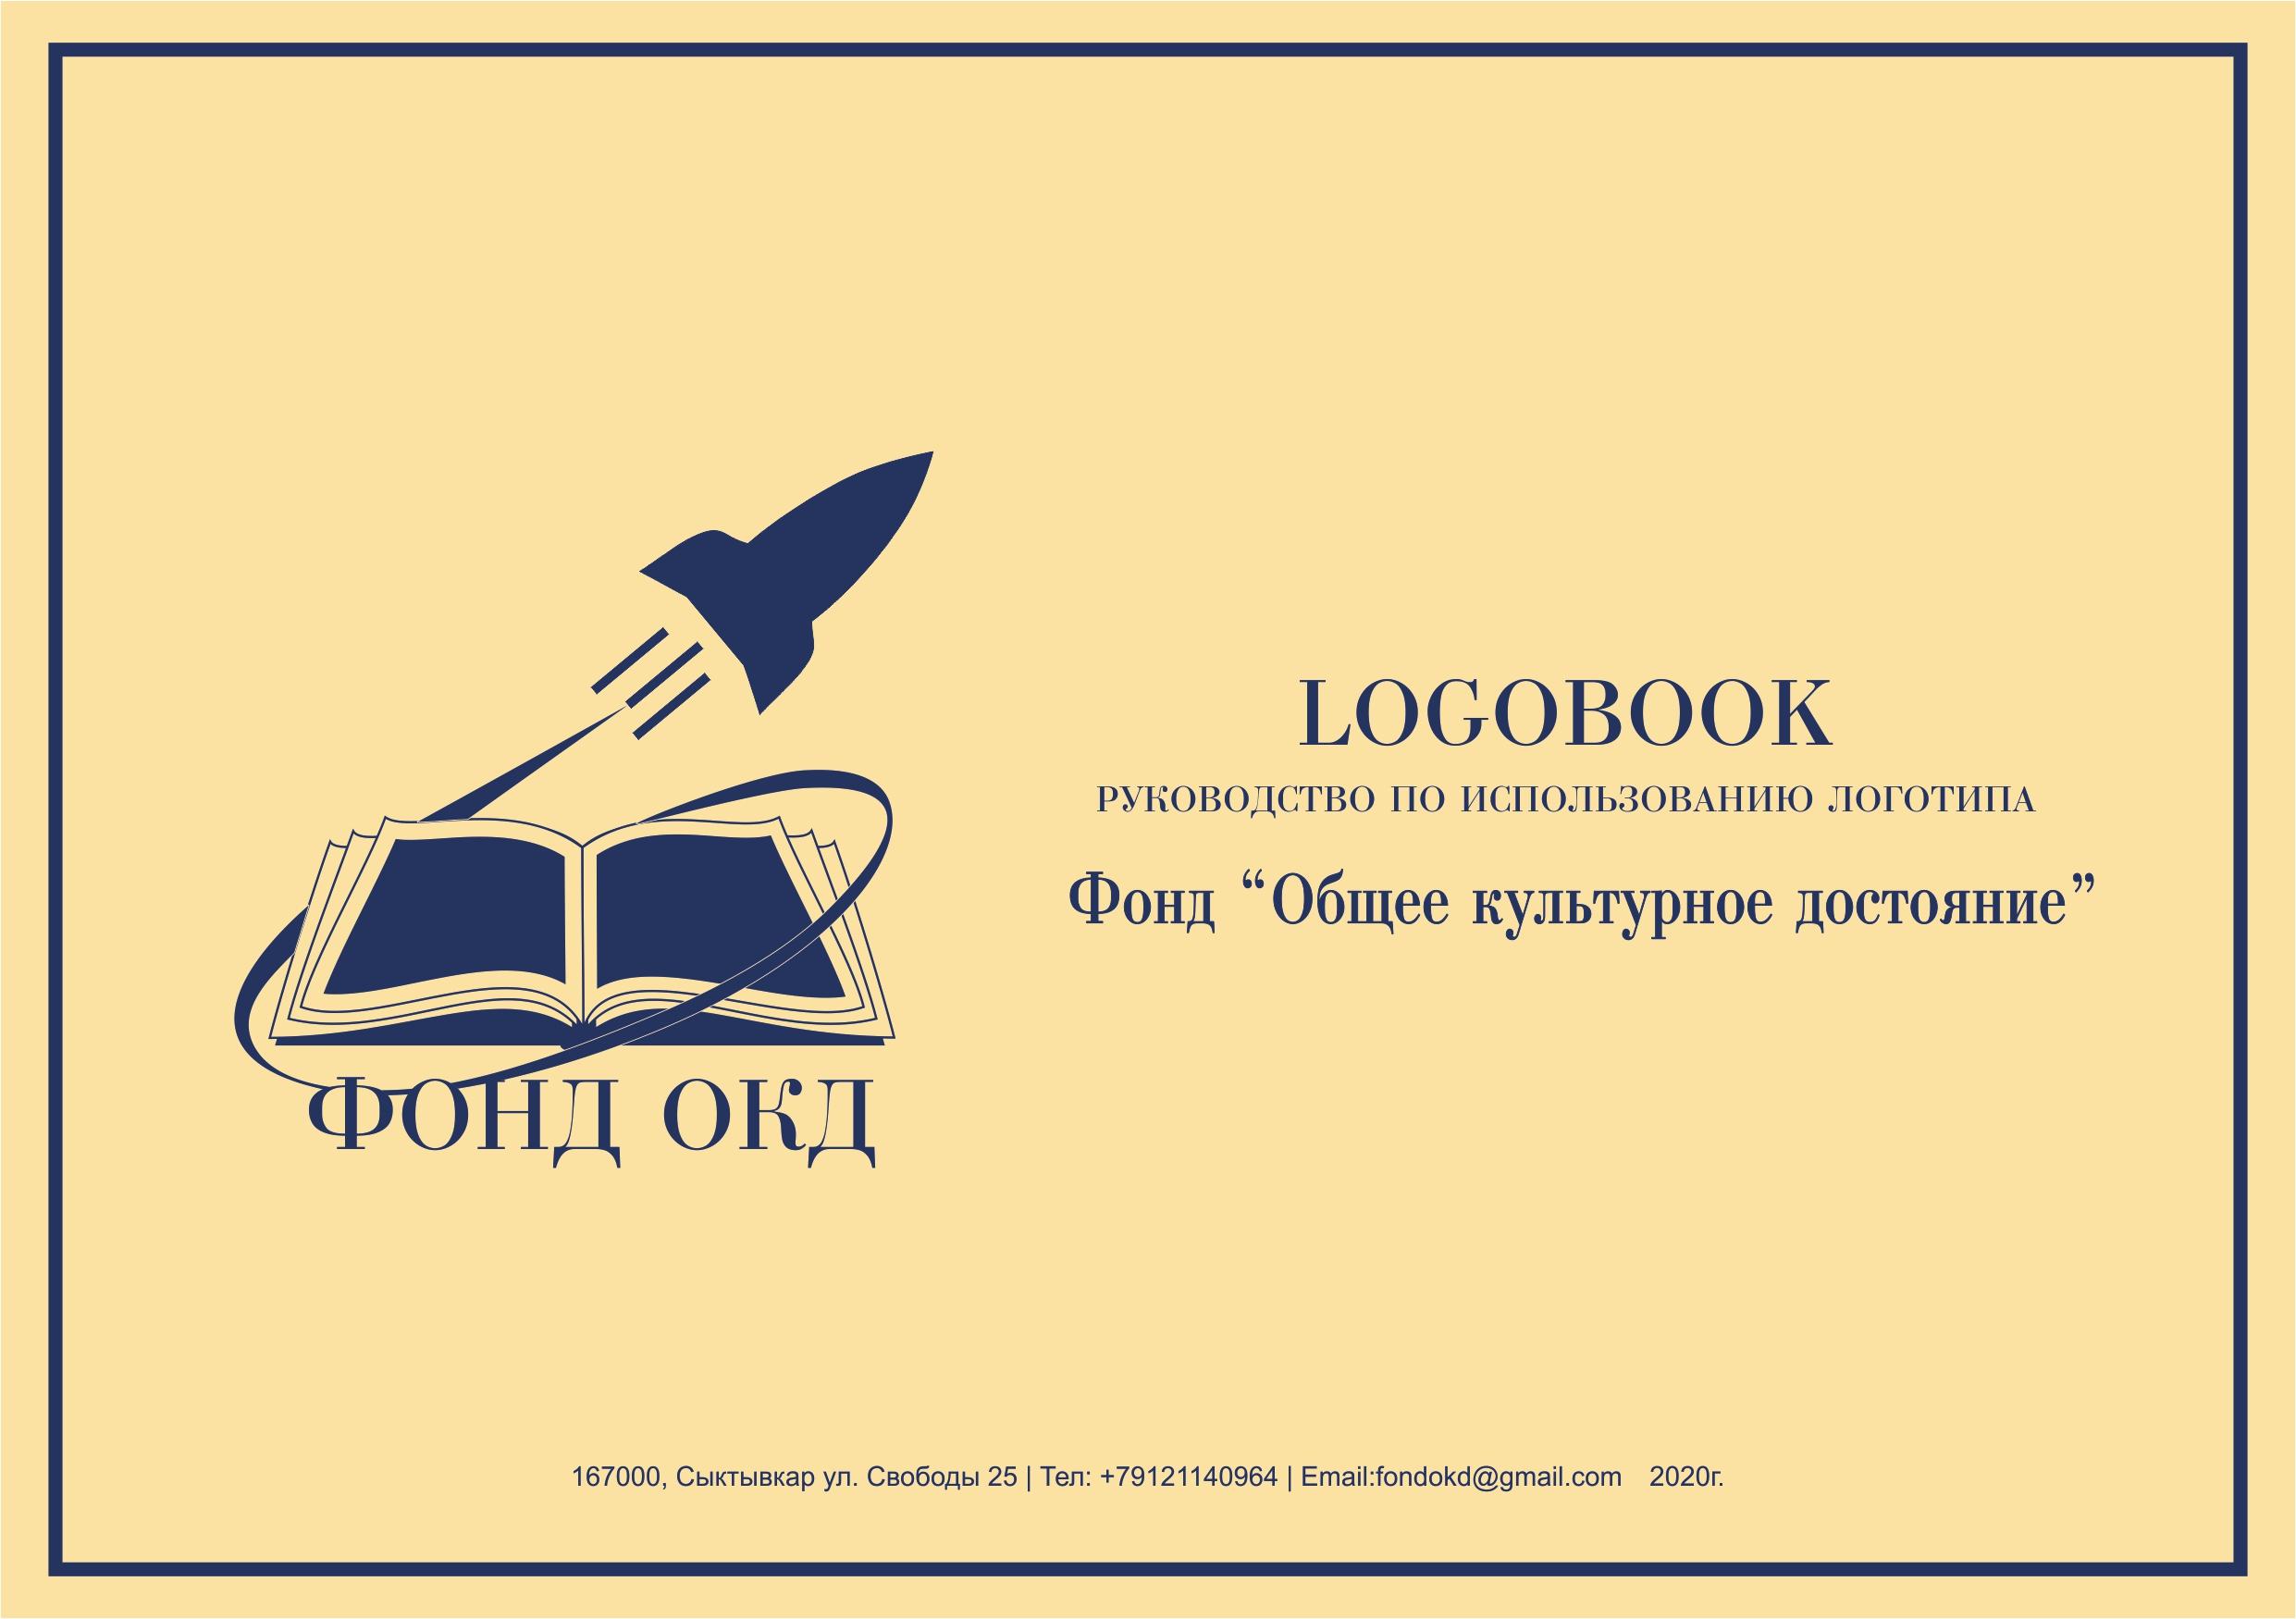 Страничка логобук для портфолио.jpg